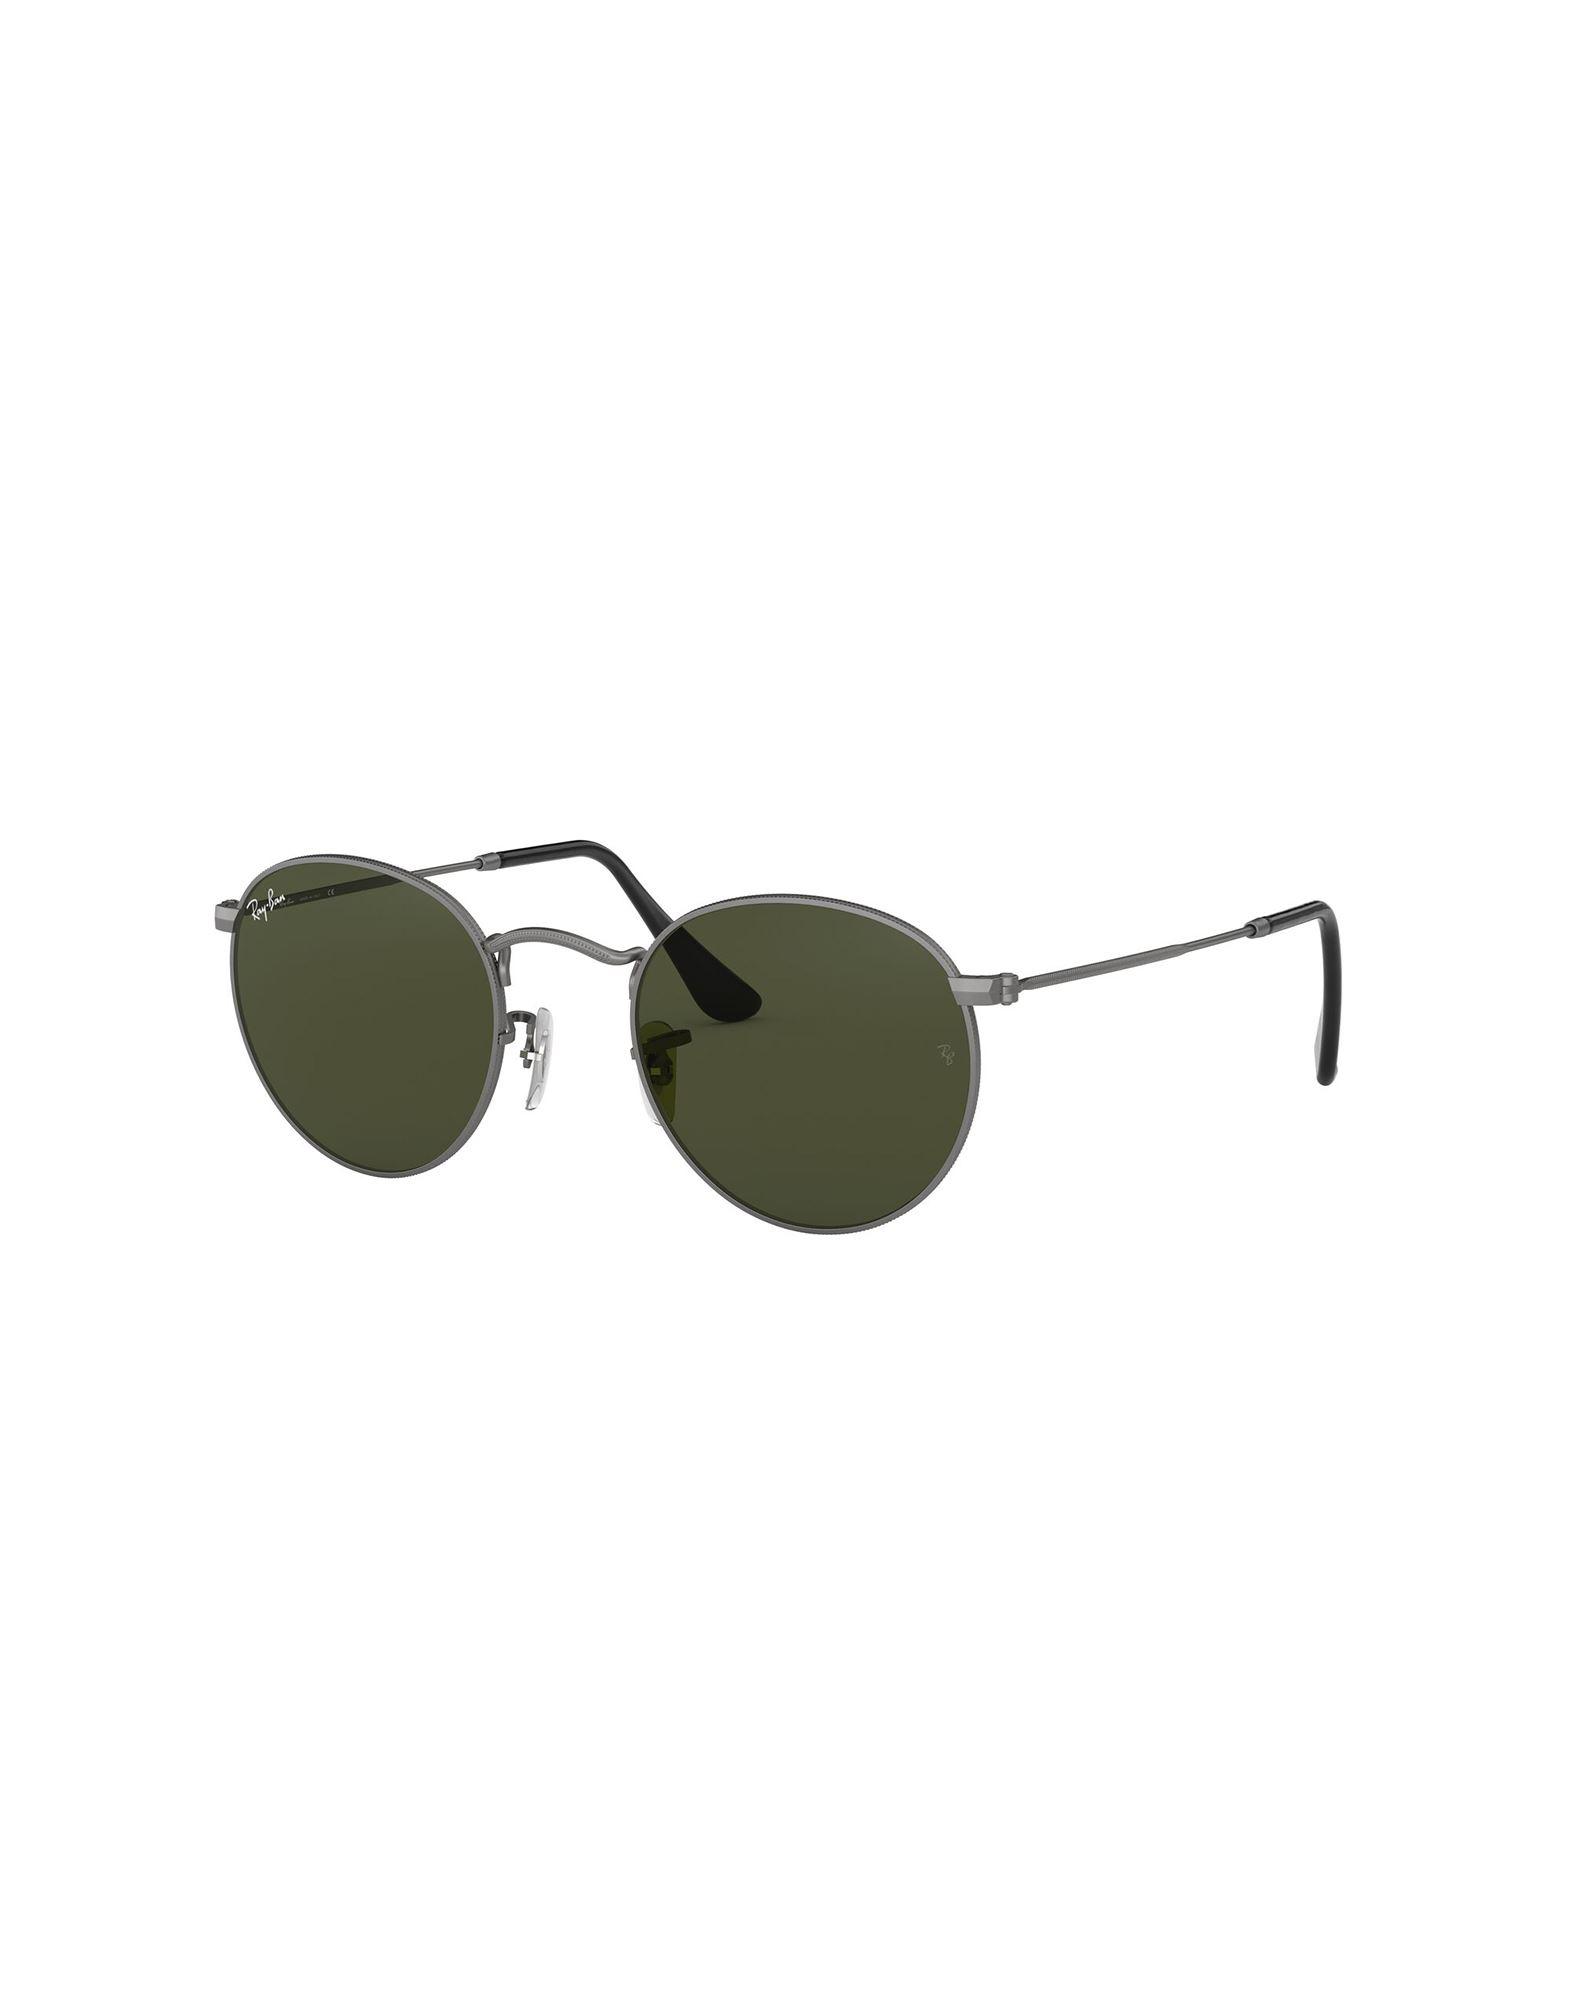 RAY-BAN Солнечные очки солцезащитные очки